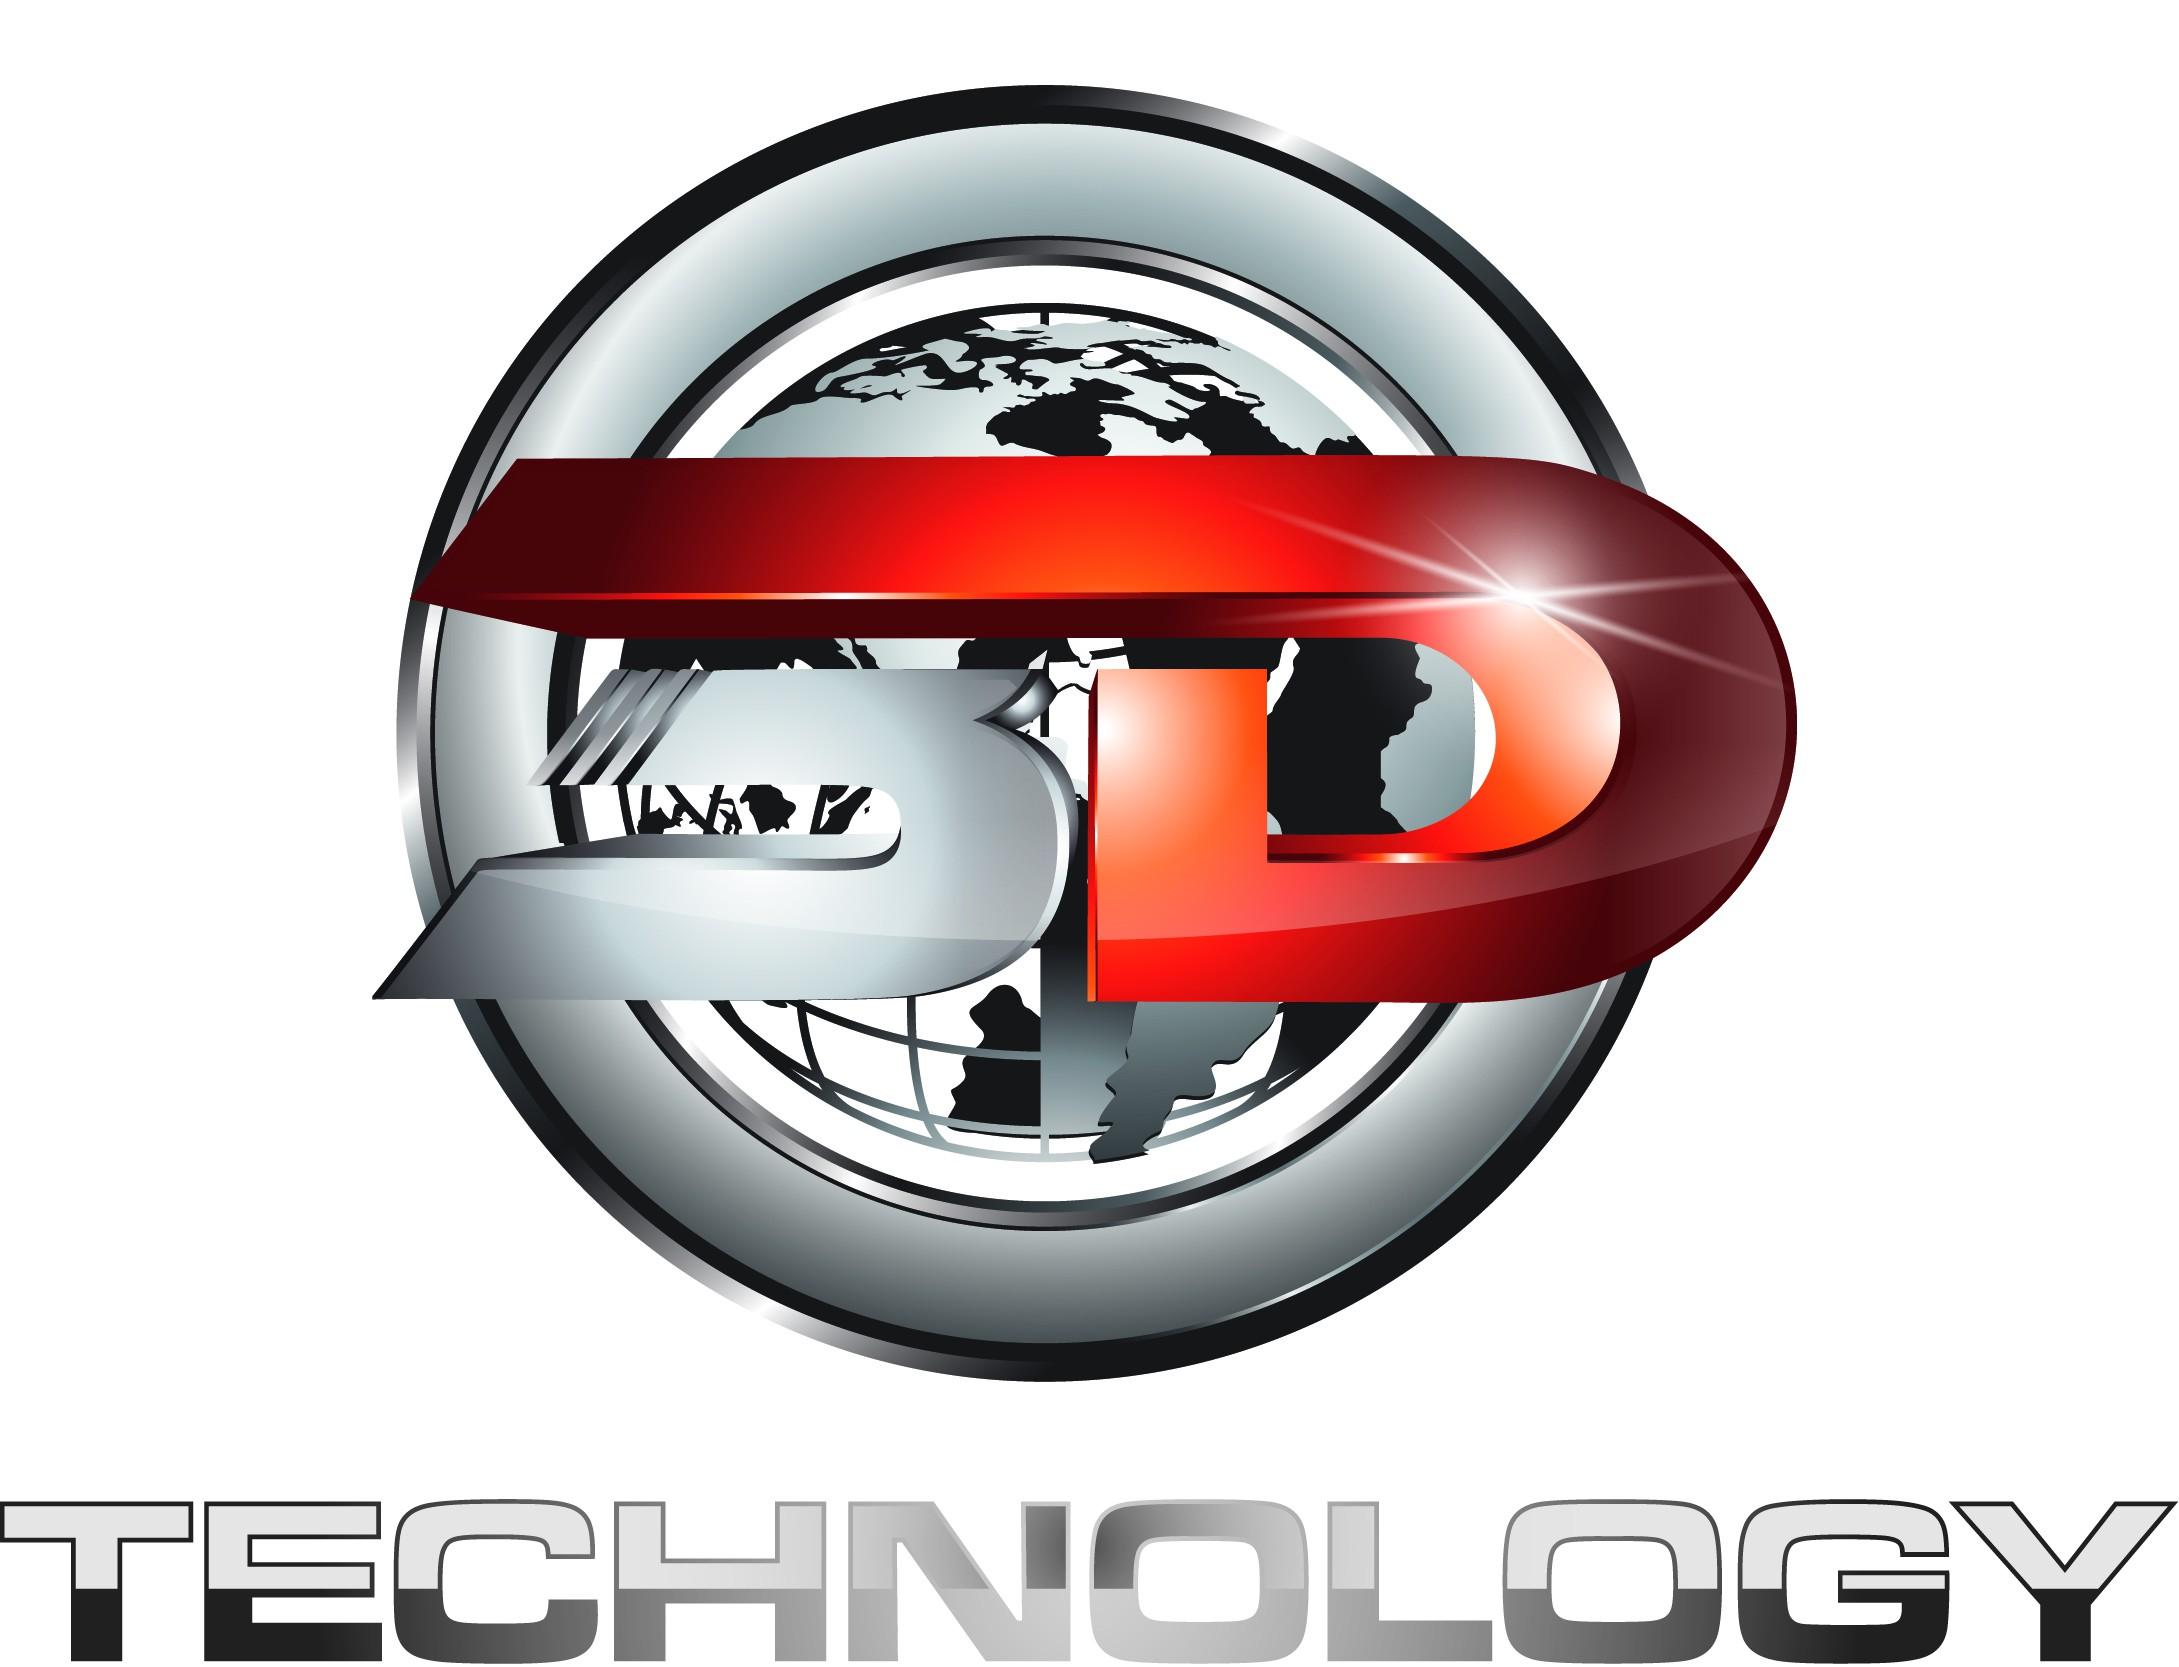 3D Technology logo [UPDATE]